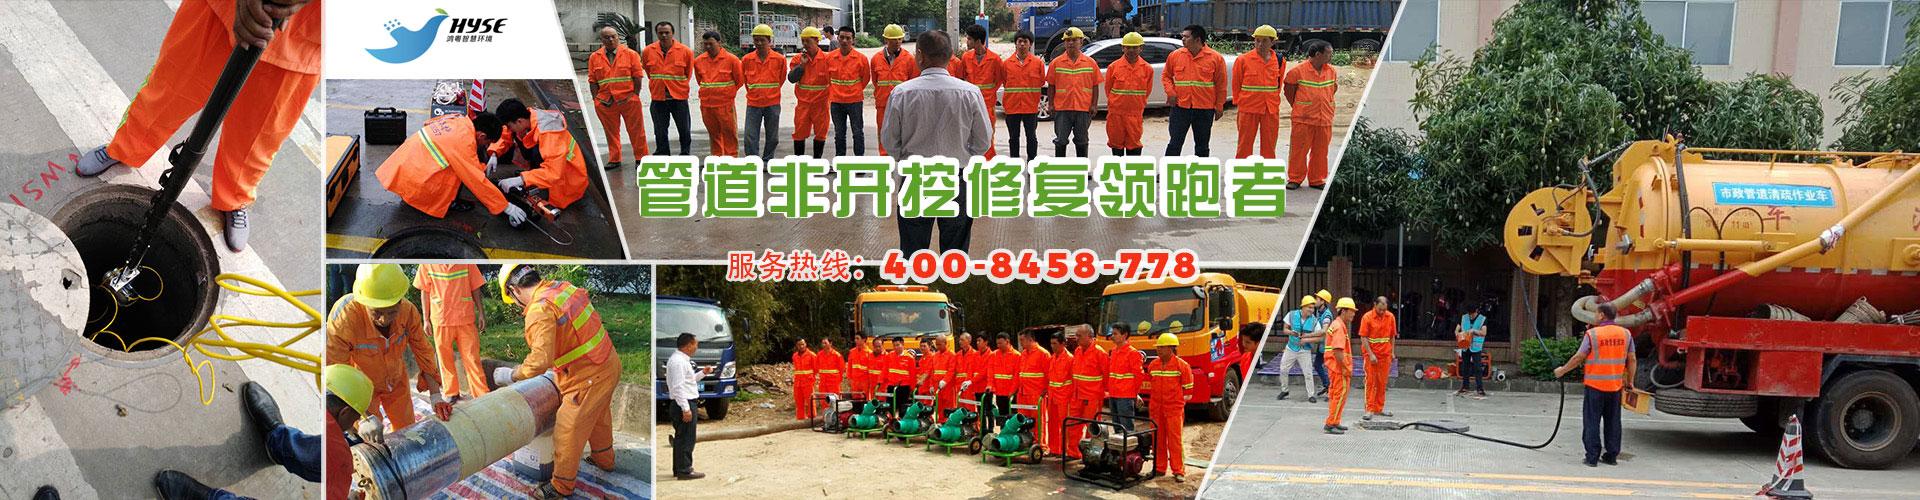 长沙非开挖管道修复公司